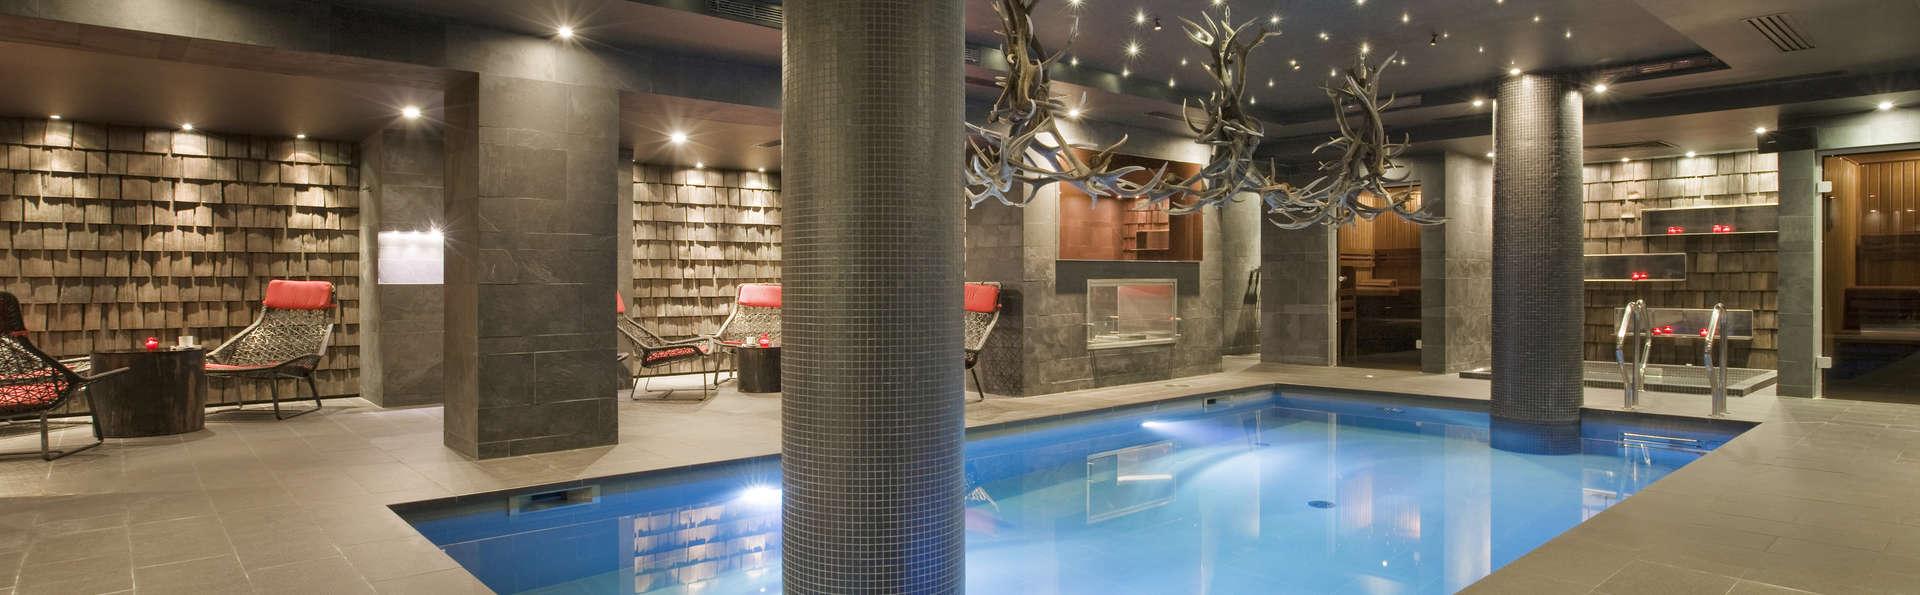 week end montagne et ski val d 39 is re avec 1 acc s au spa pour 2 adultes partir de 1305. Black Bedroom Furniture Sets. Home Design Ideas